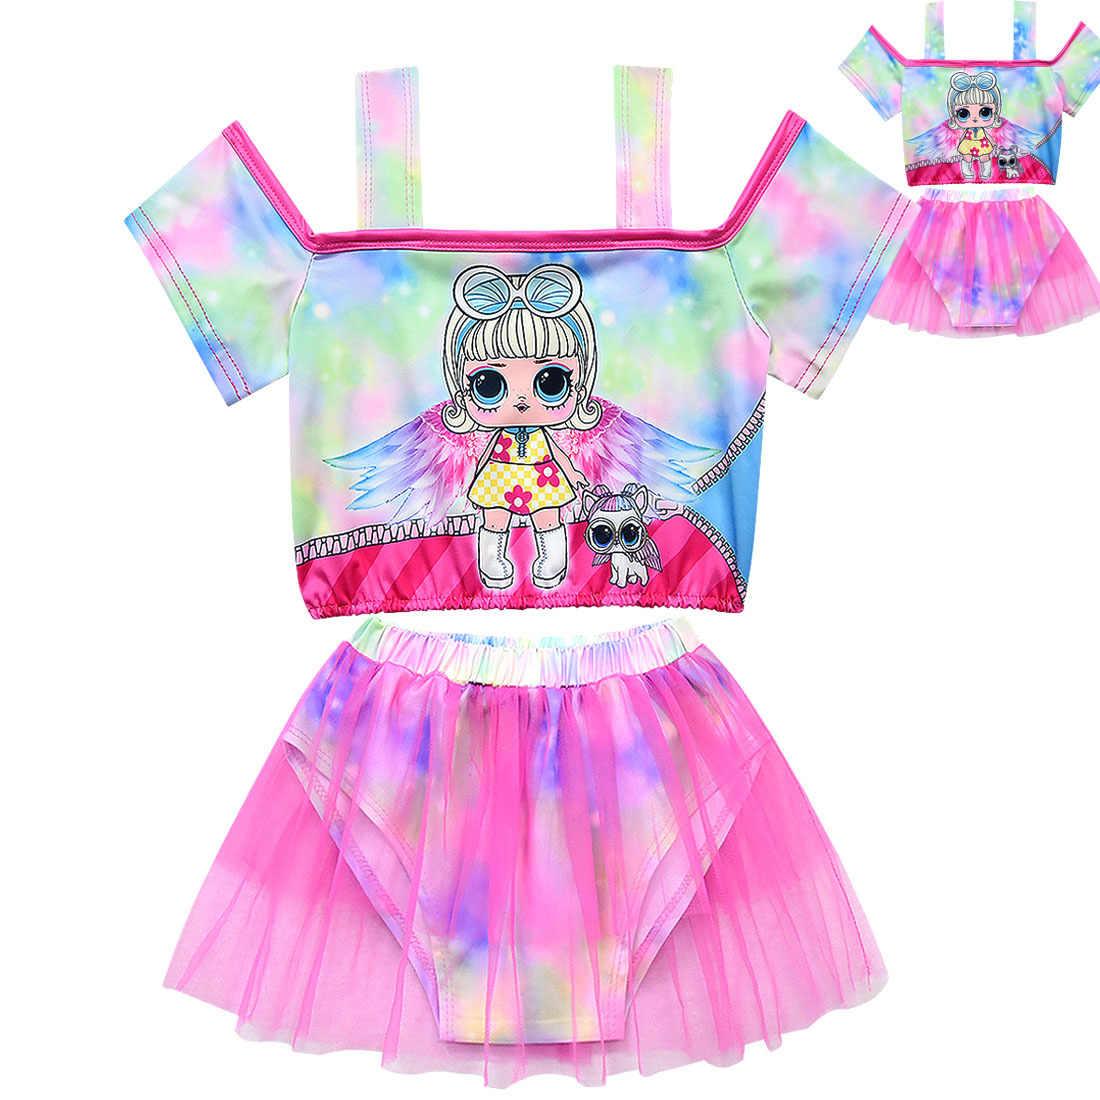 Новые детские купальники, купальные костюмы для девочек, сетчатая юбка на бретельках с открытыми плечами, купальные костюмы для девочек, пляжная одежда из двух предметов для девочек